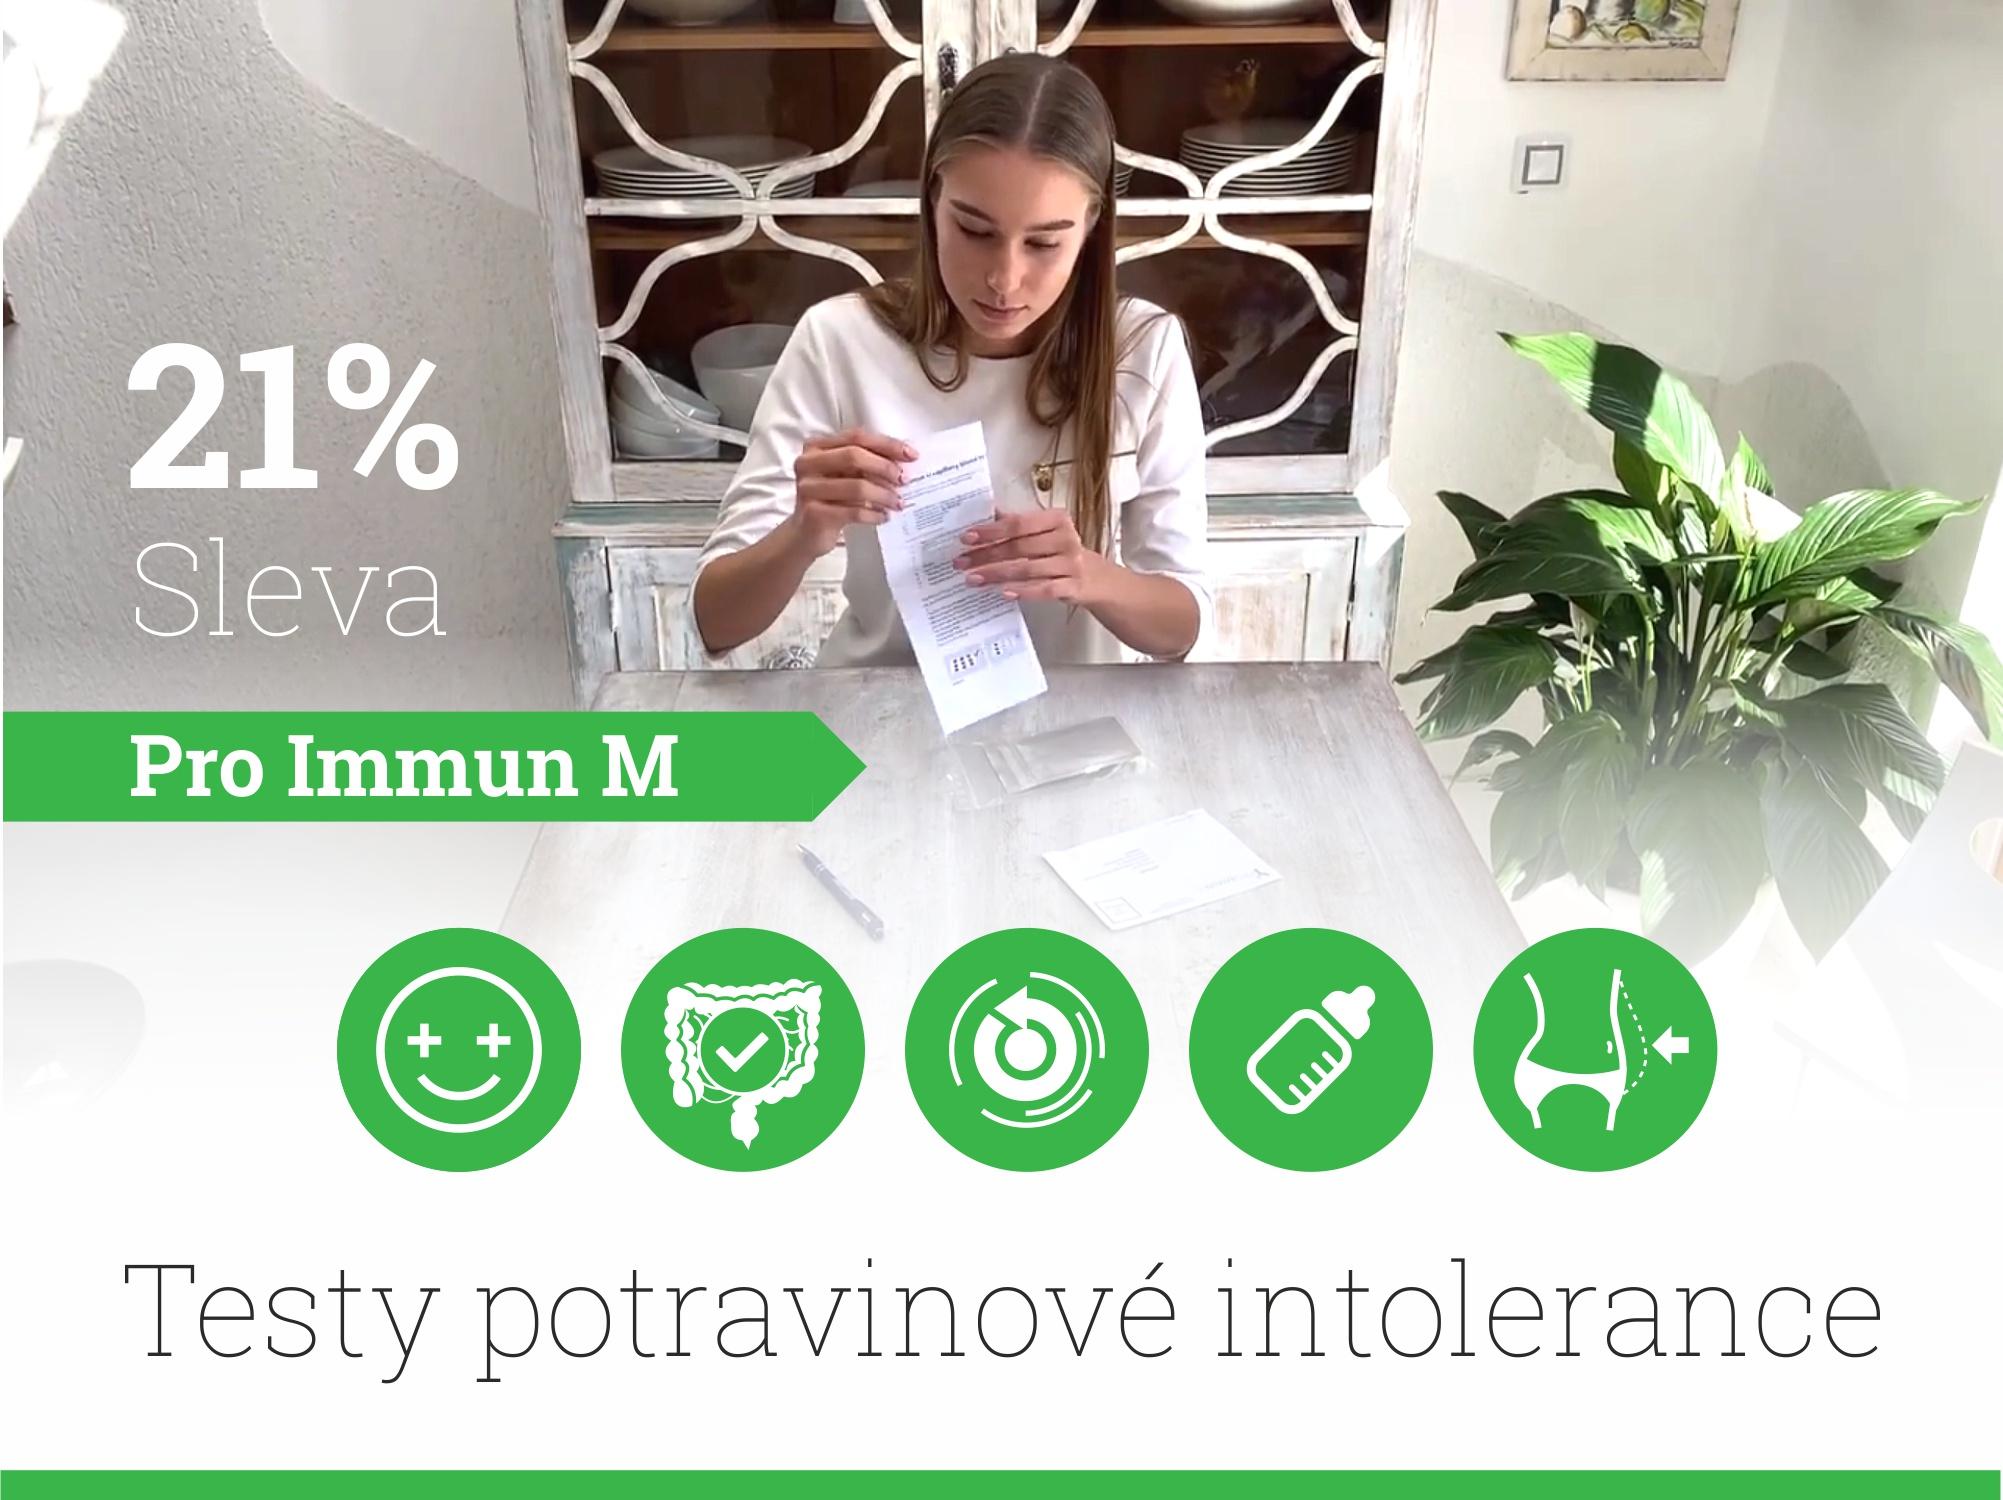 21 % sleva na testy potravinové intolerance Pro Immun M